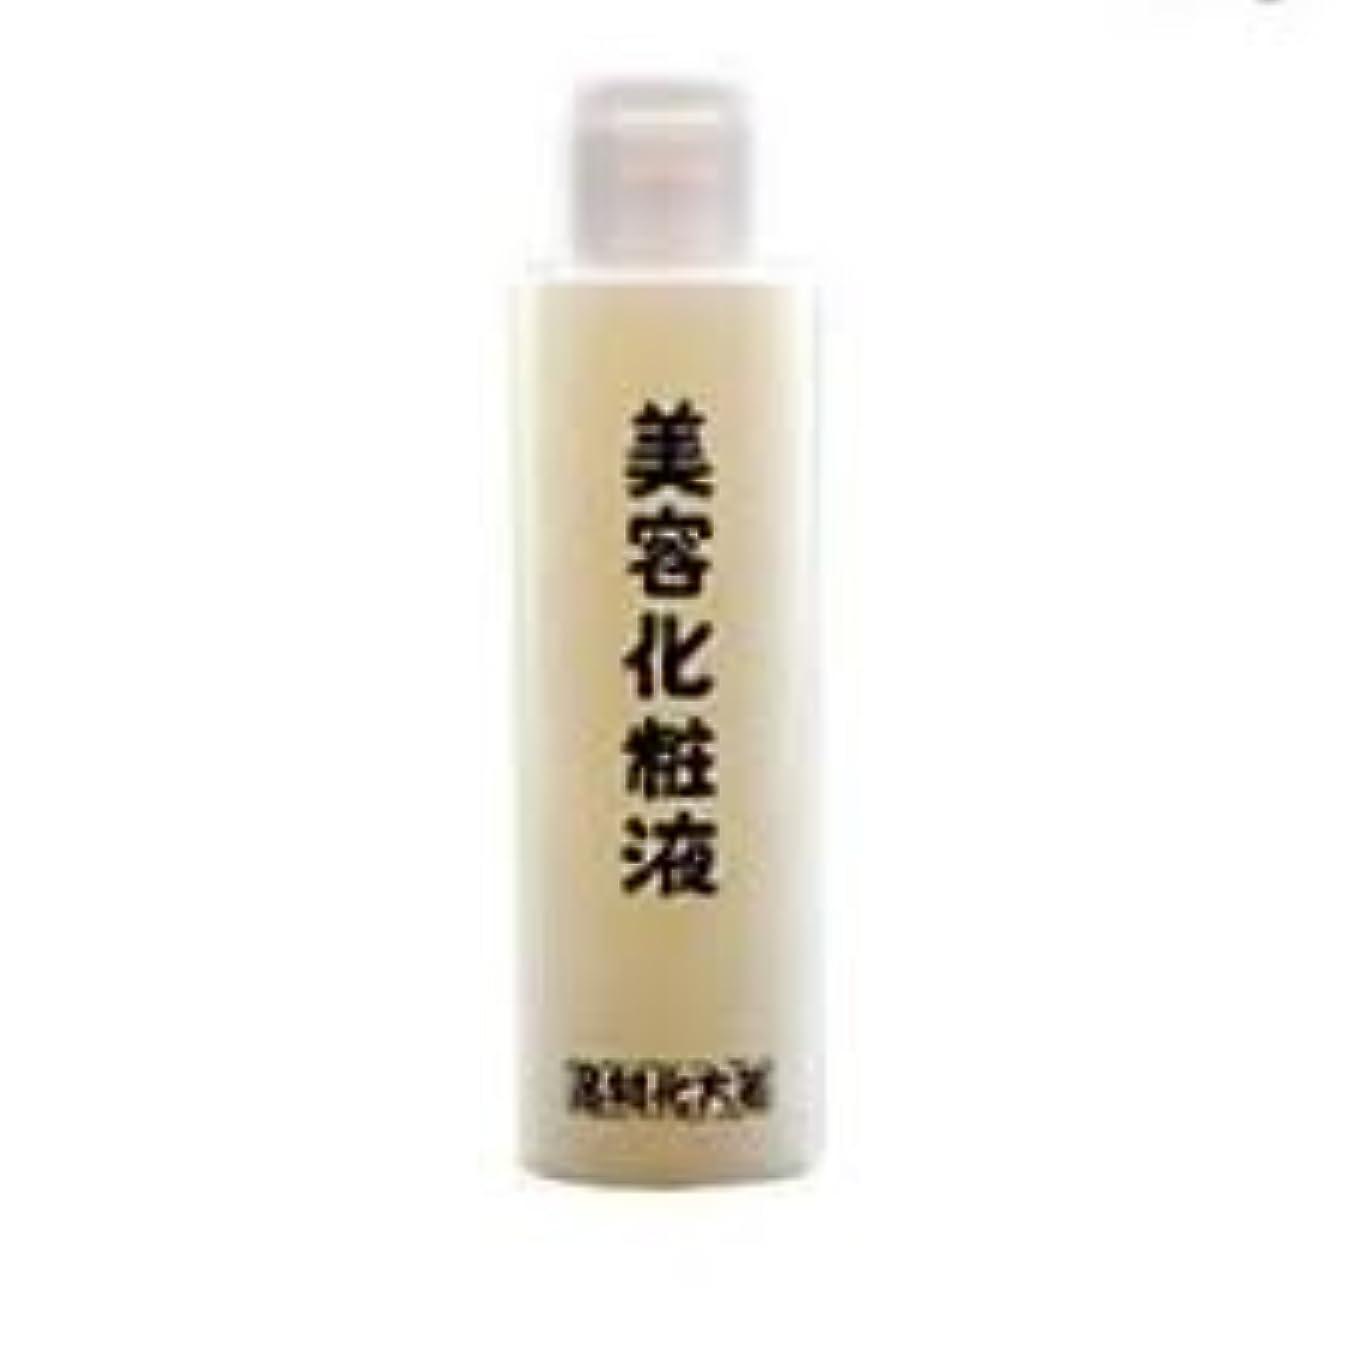 摘むレシピ建築家箸方化粧品 美容化粧液 化粧水 120ml はしかた化粧品